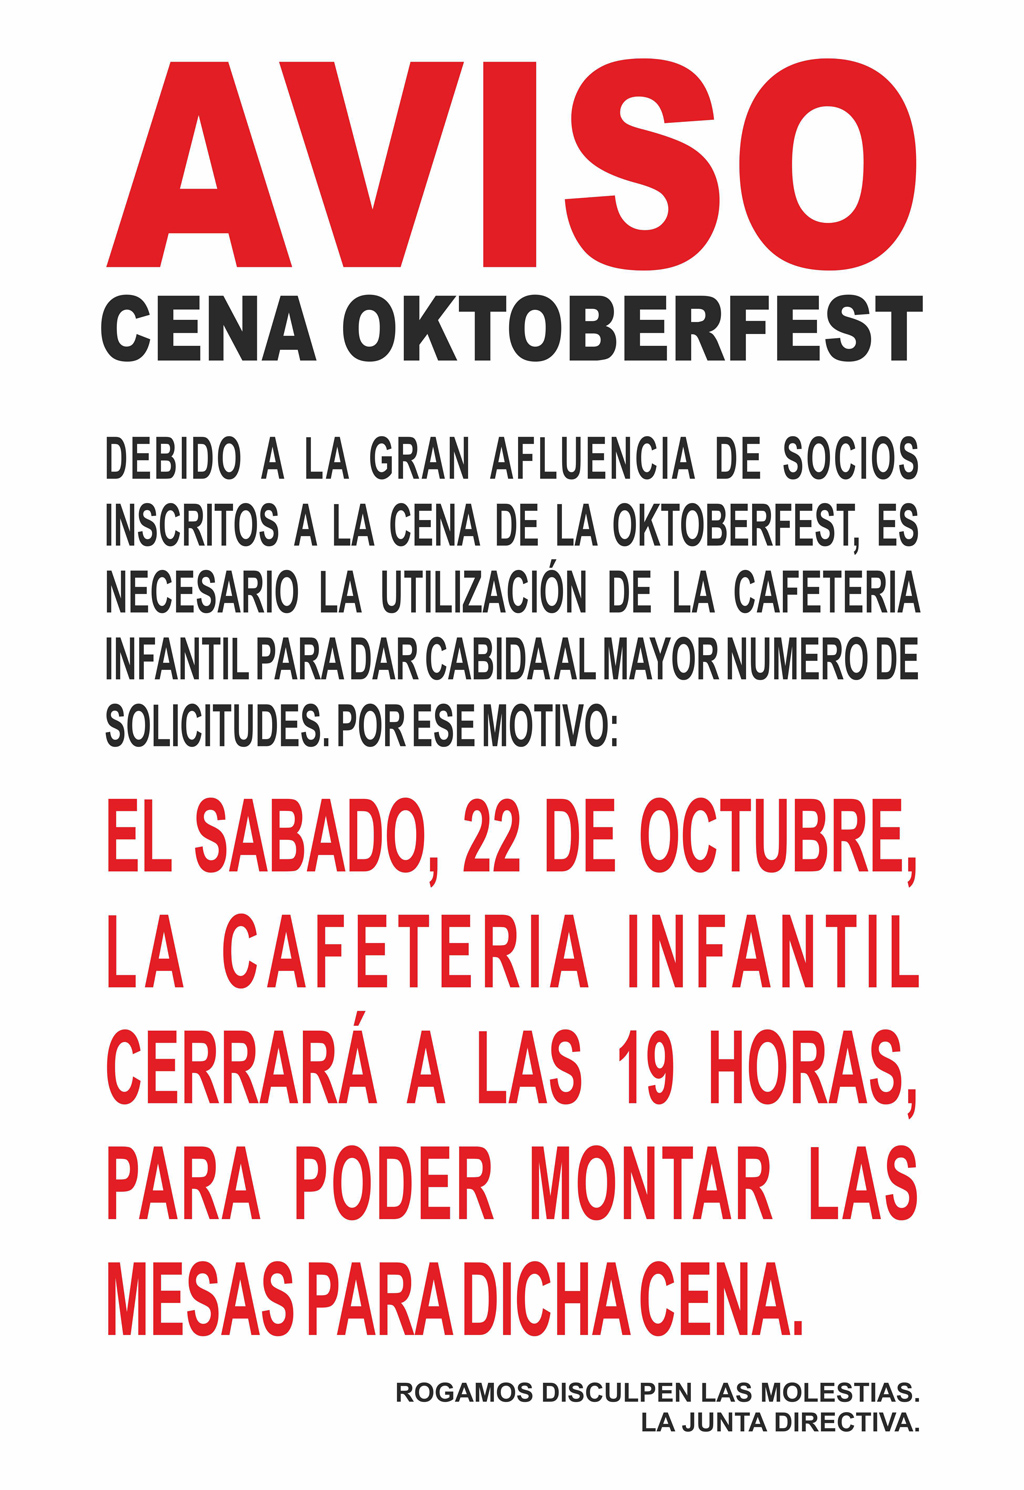 avisocenaoktoberfest